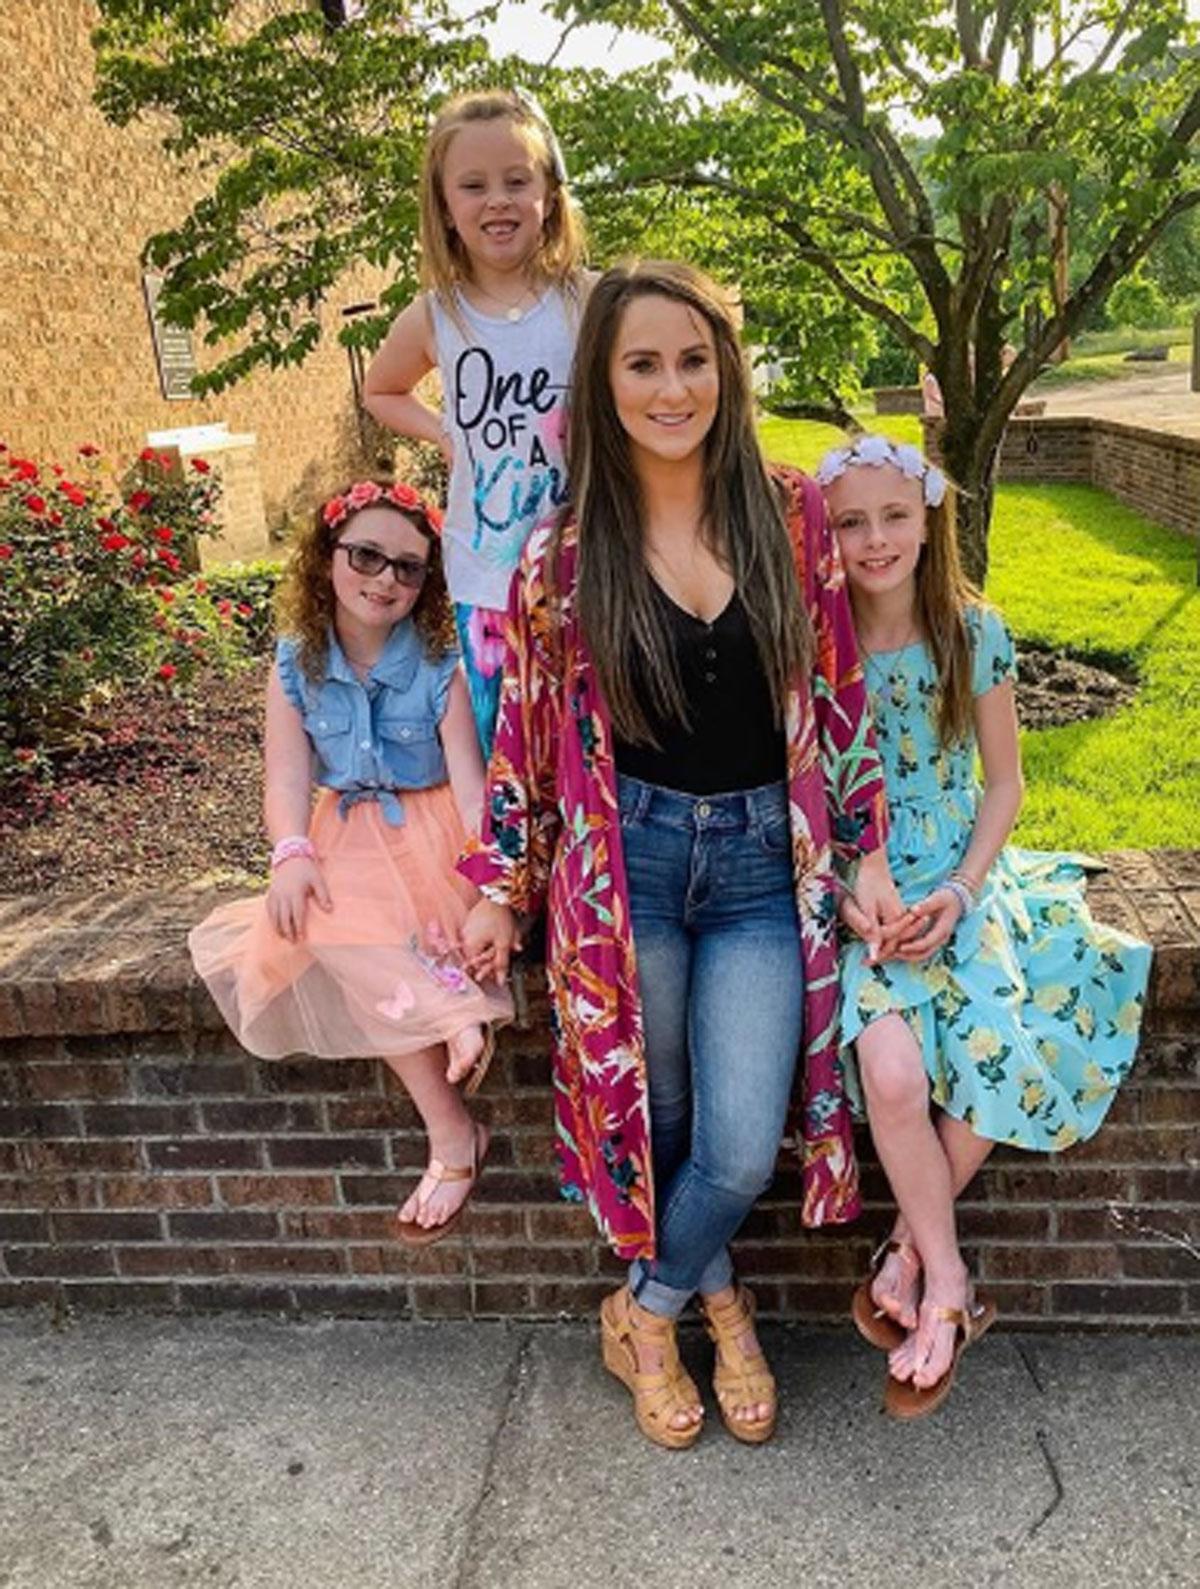 Jenelle Evans' Former 'Teen Mom' Costars React To Her Custody Battle